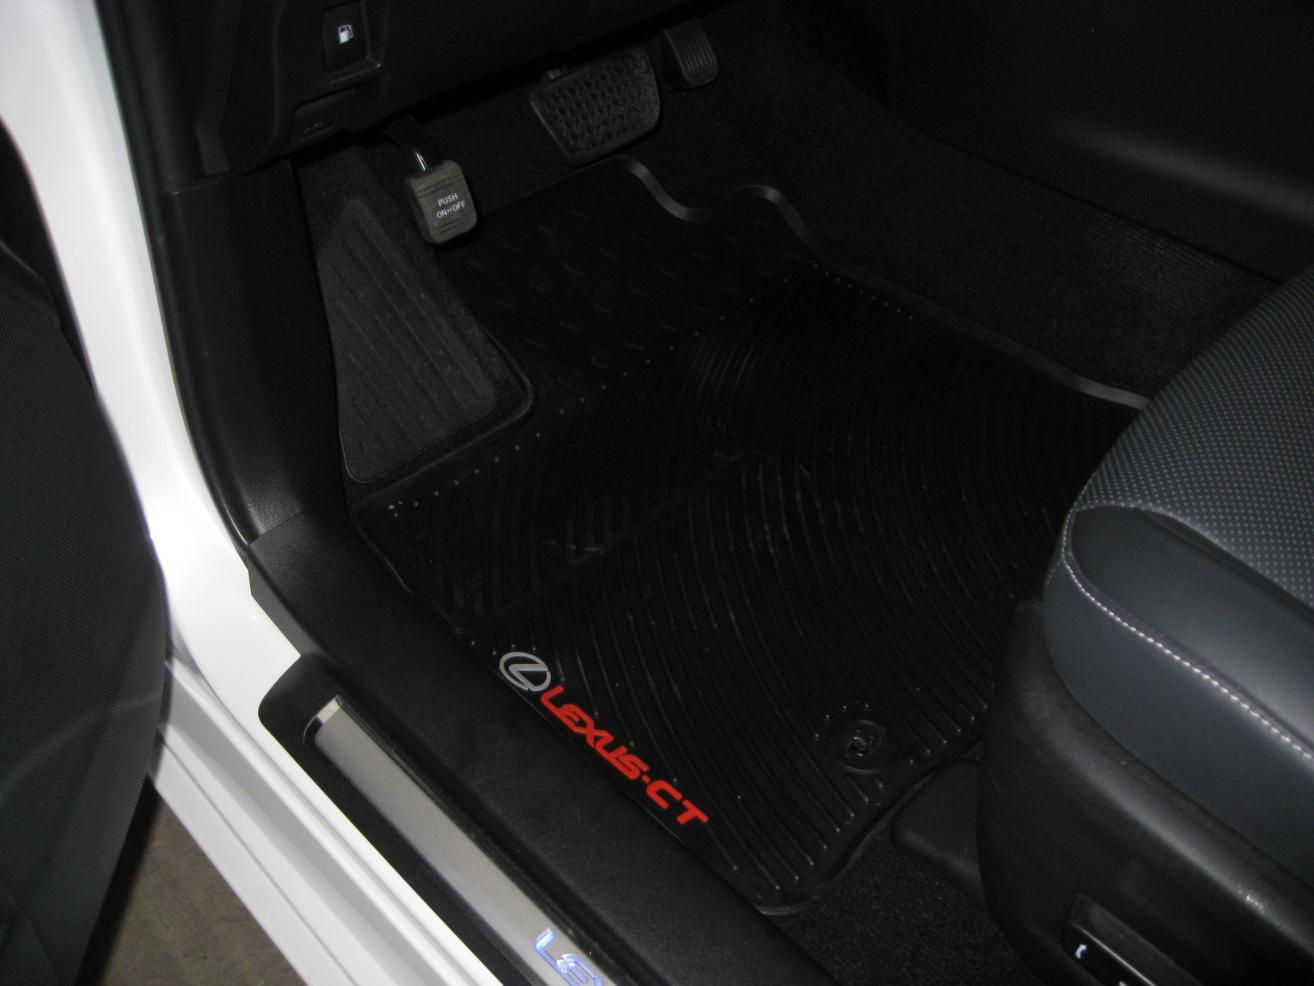 Rubber floor mats lexus rx330 - All Weather Floor Mats Img_2756 Jpg